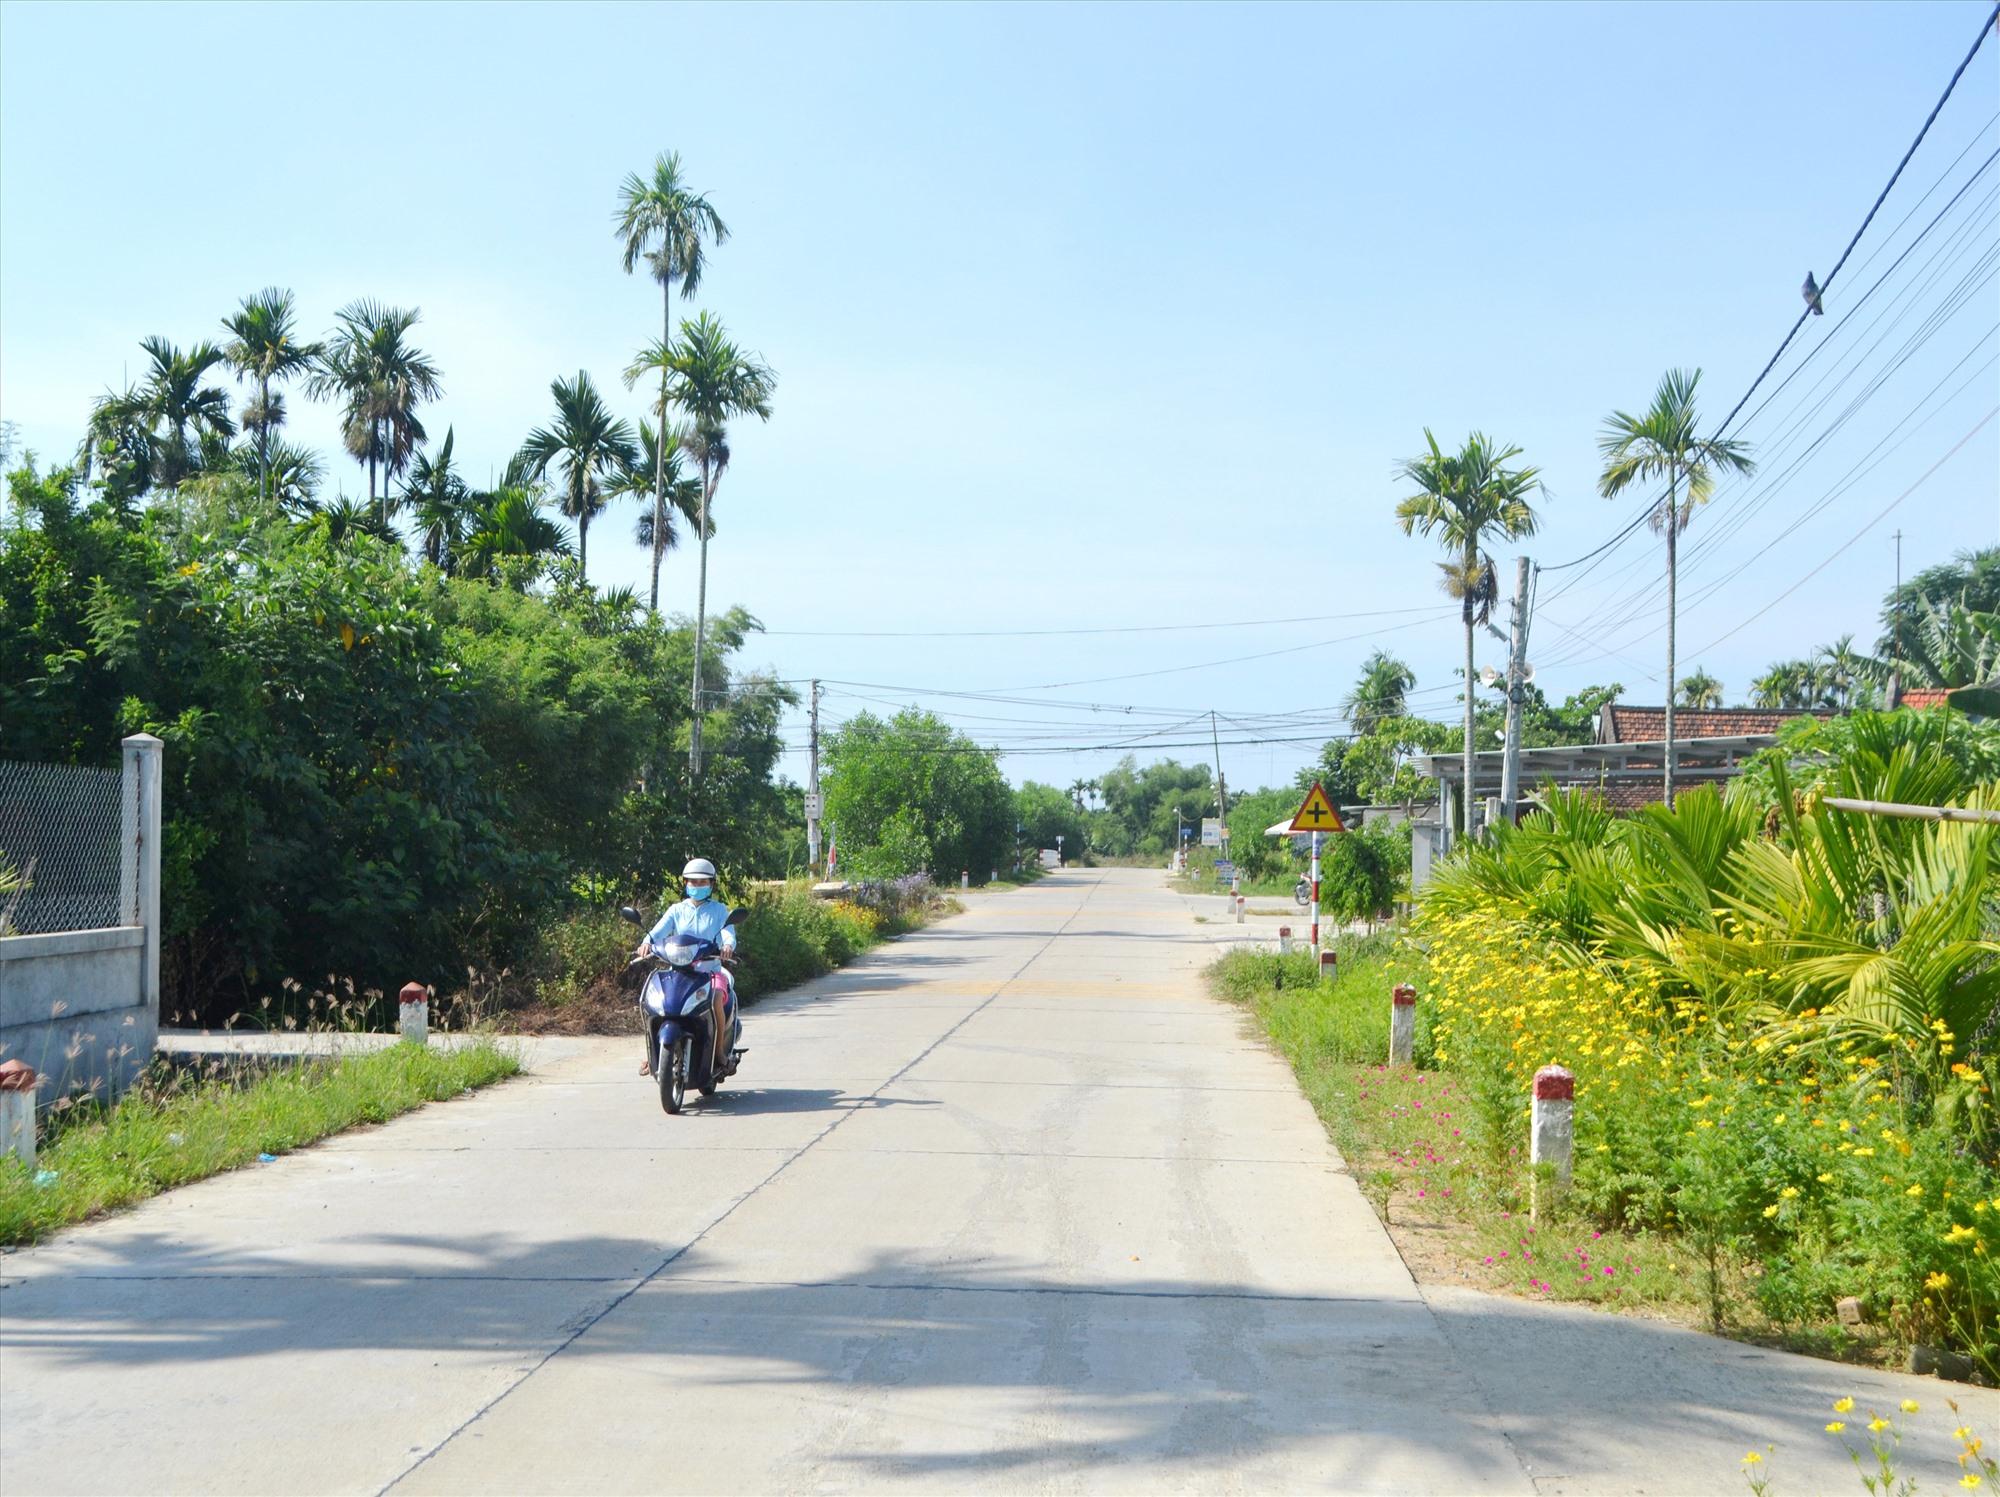 Đường giao thông ở xã NTM Điện Thắng Nam được đầu tư kiên cố. Ảnh: C.T